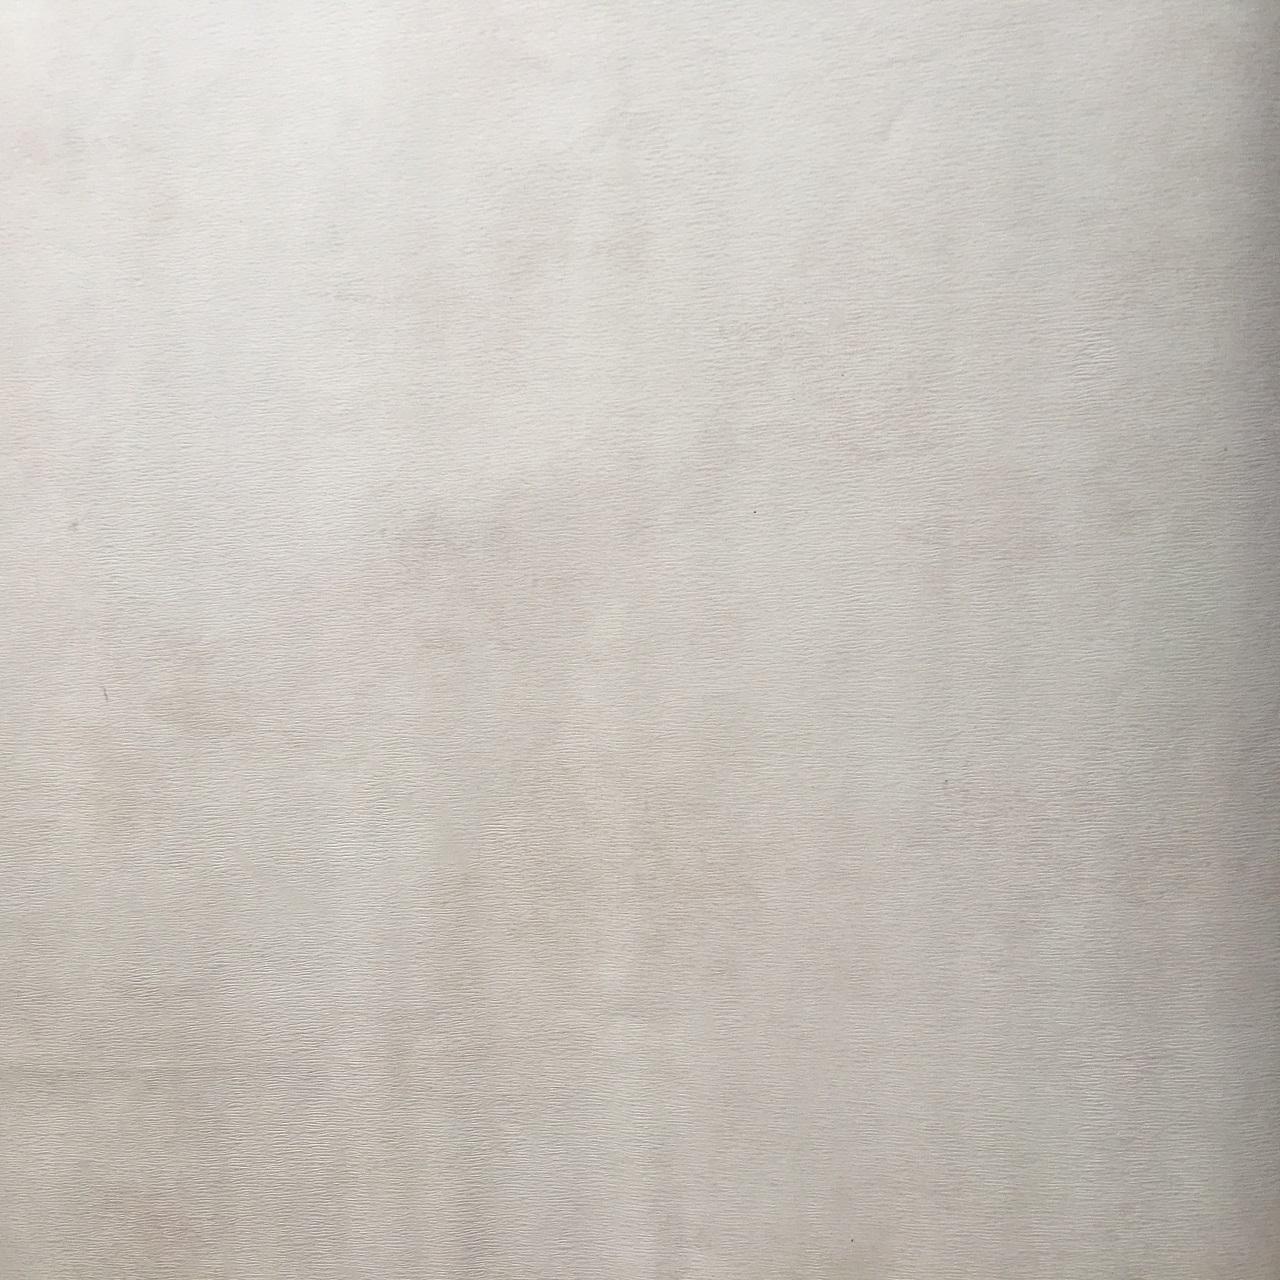 کاغذ دیواری بیوتی مدل ASA-40030